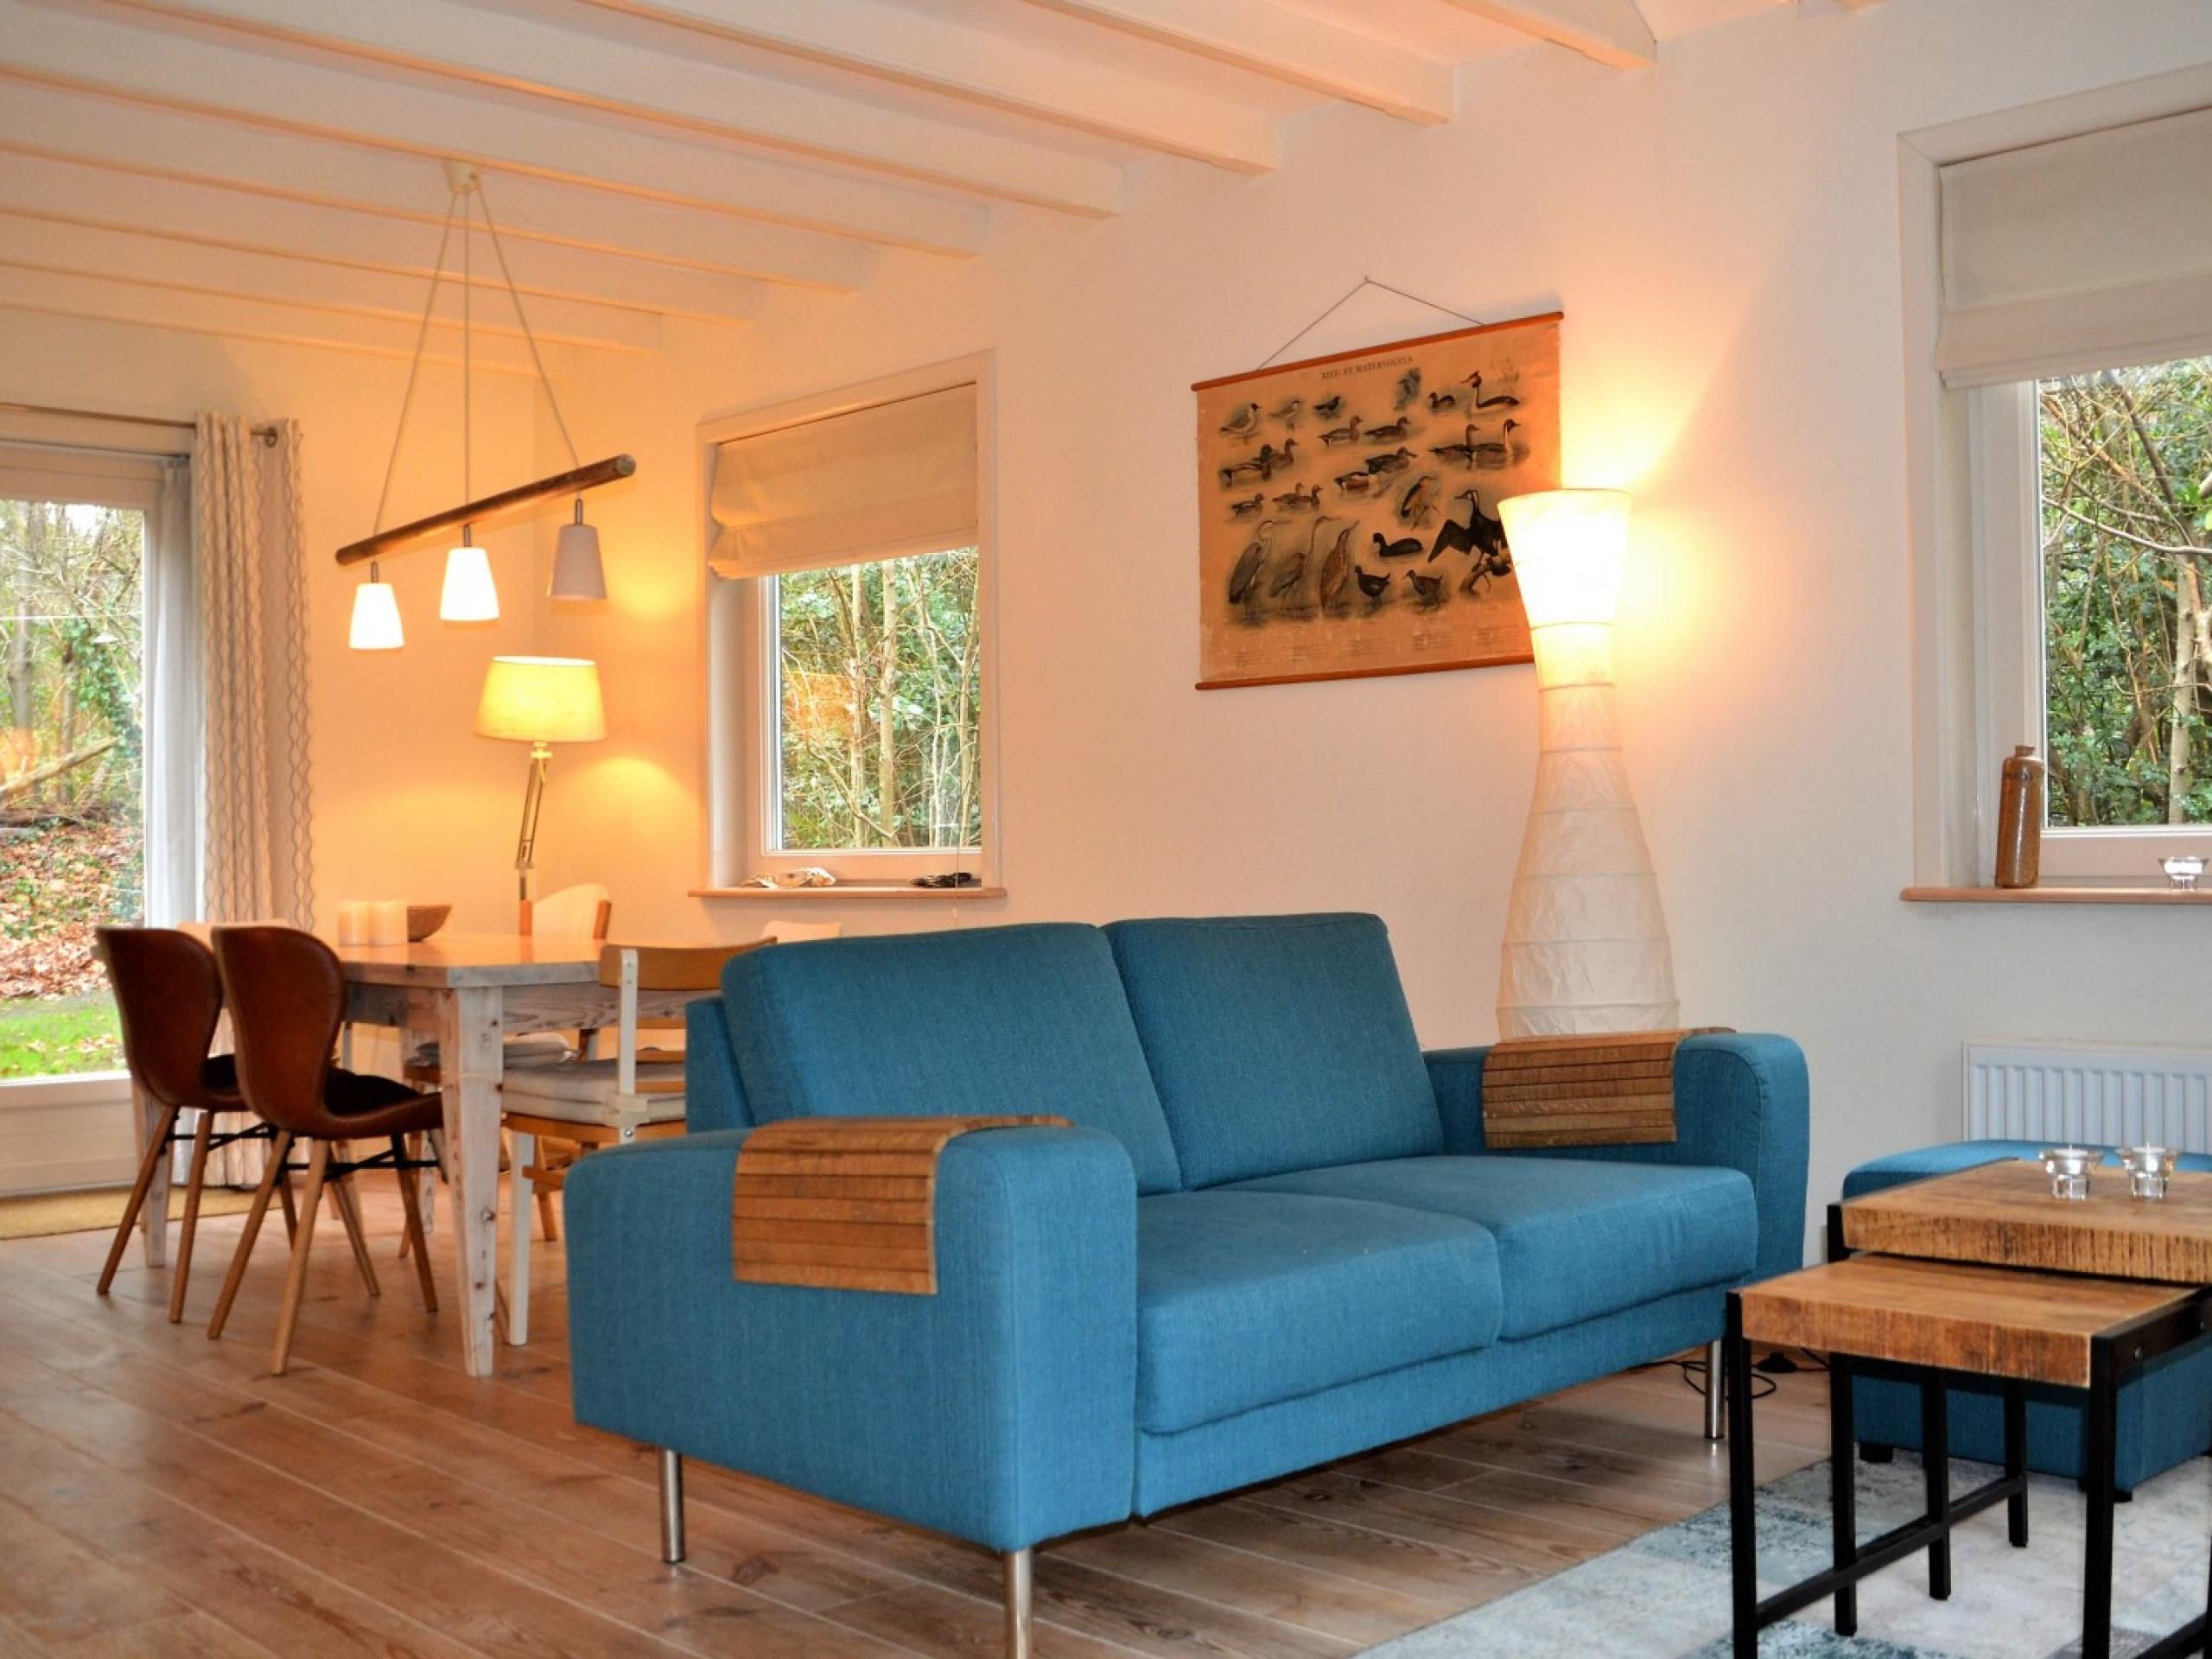 Vakantiehuis rustig gelegen, grenst aan bos, nabij De Koog